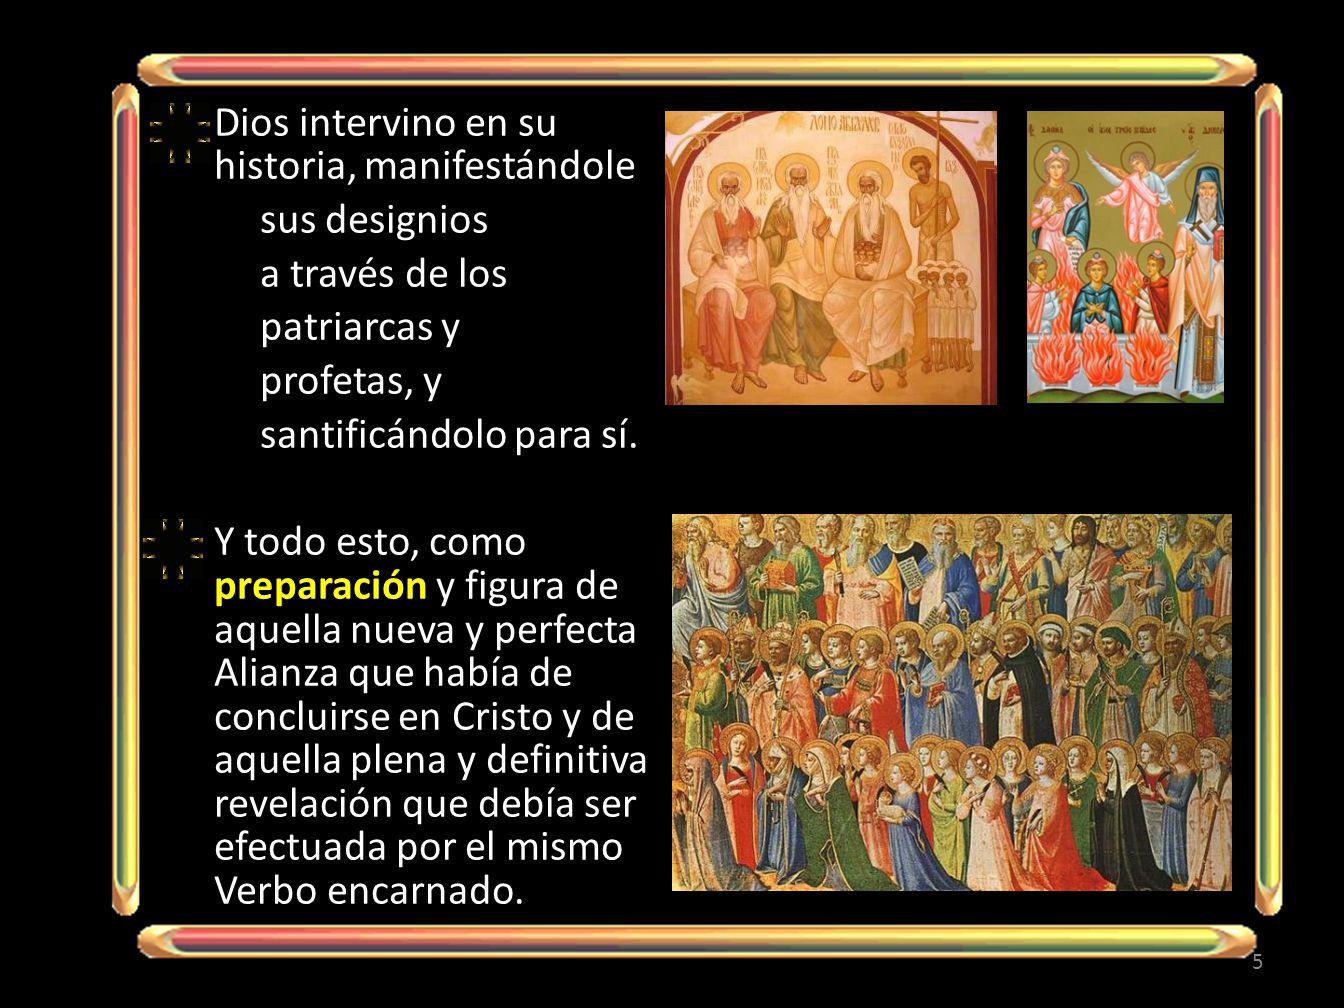 Dios intervino en su historia, manifestándole